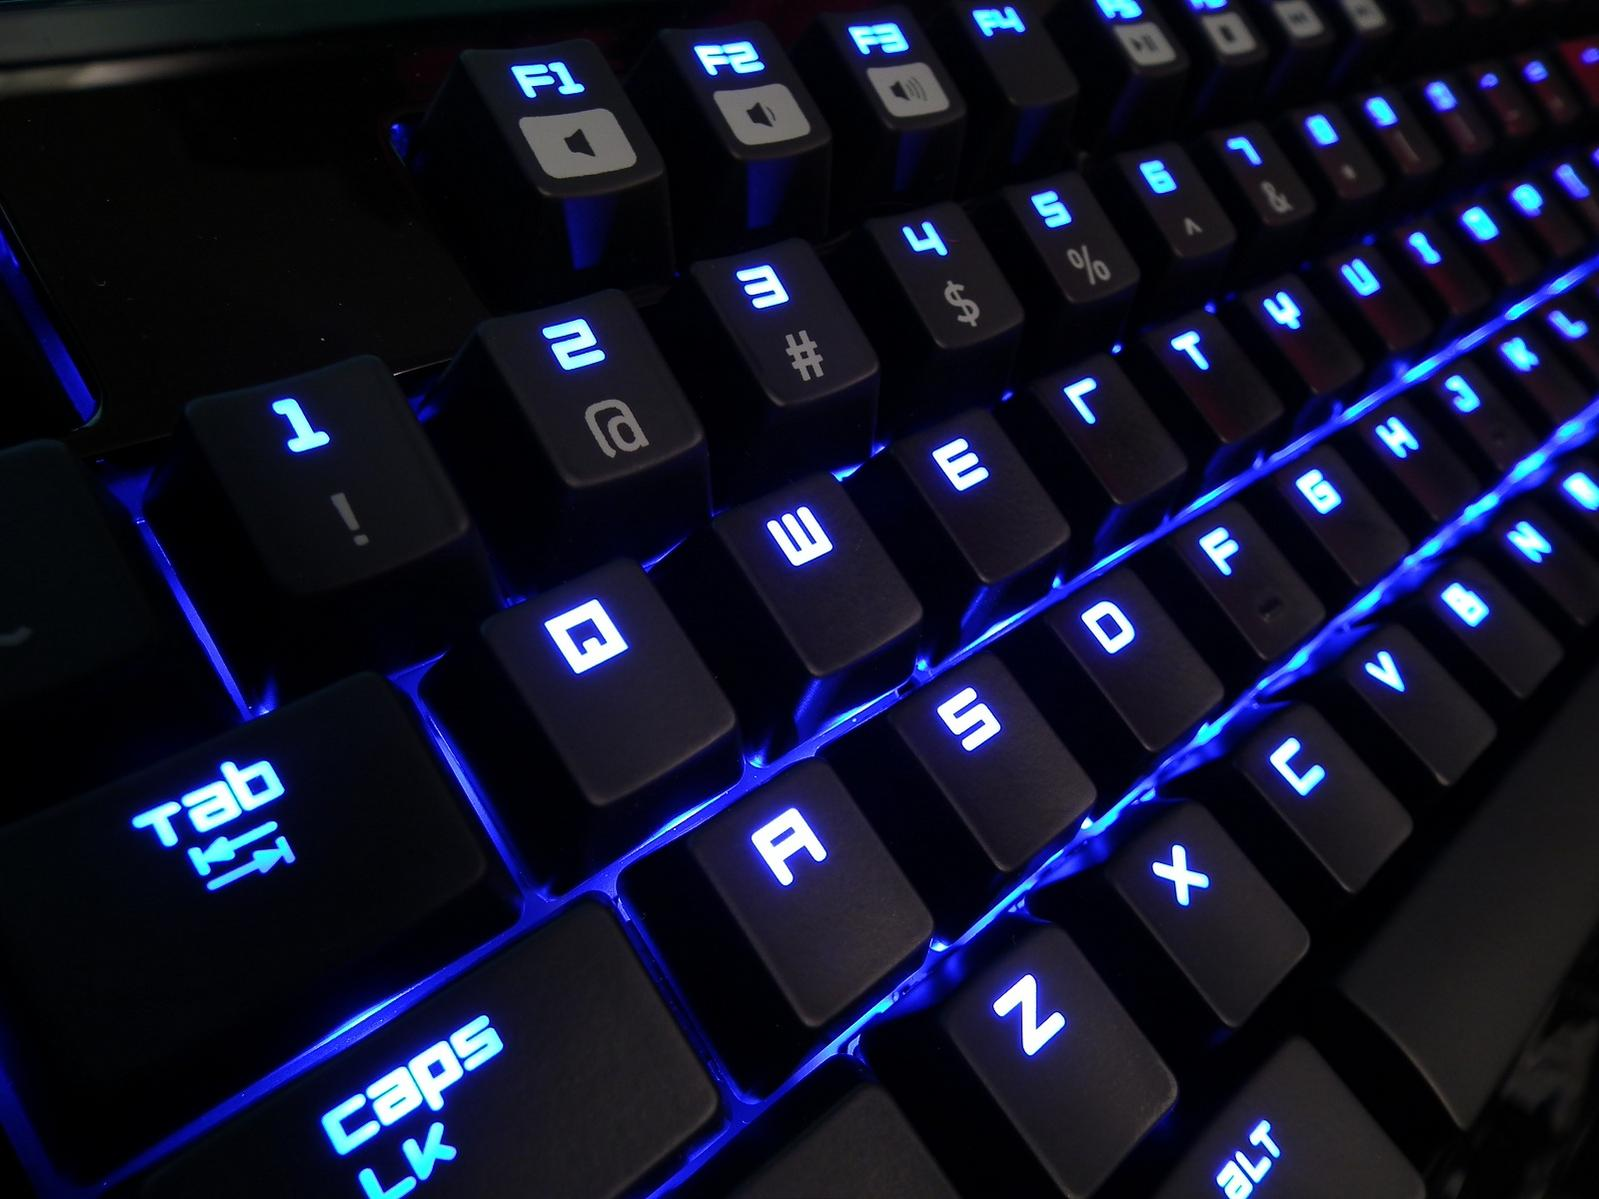 Recomendação de controles: pads, sticks, teclados, etc Attachment